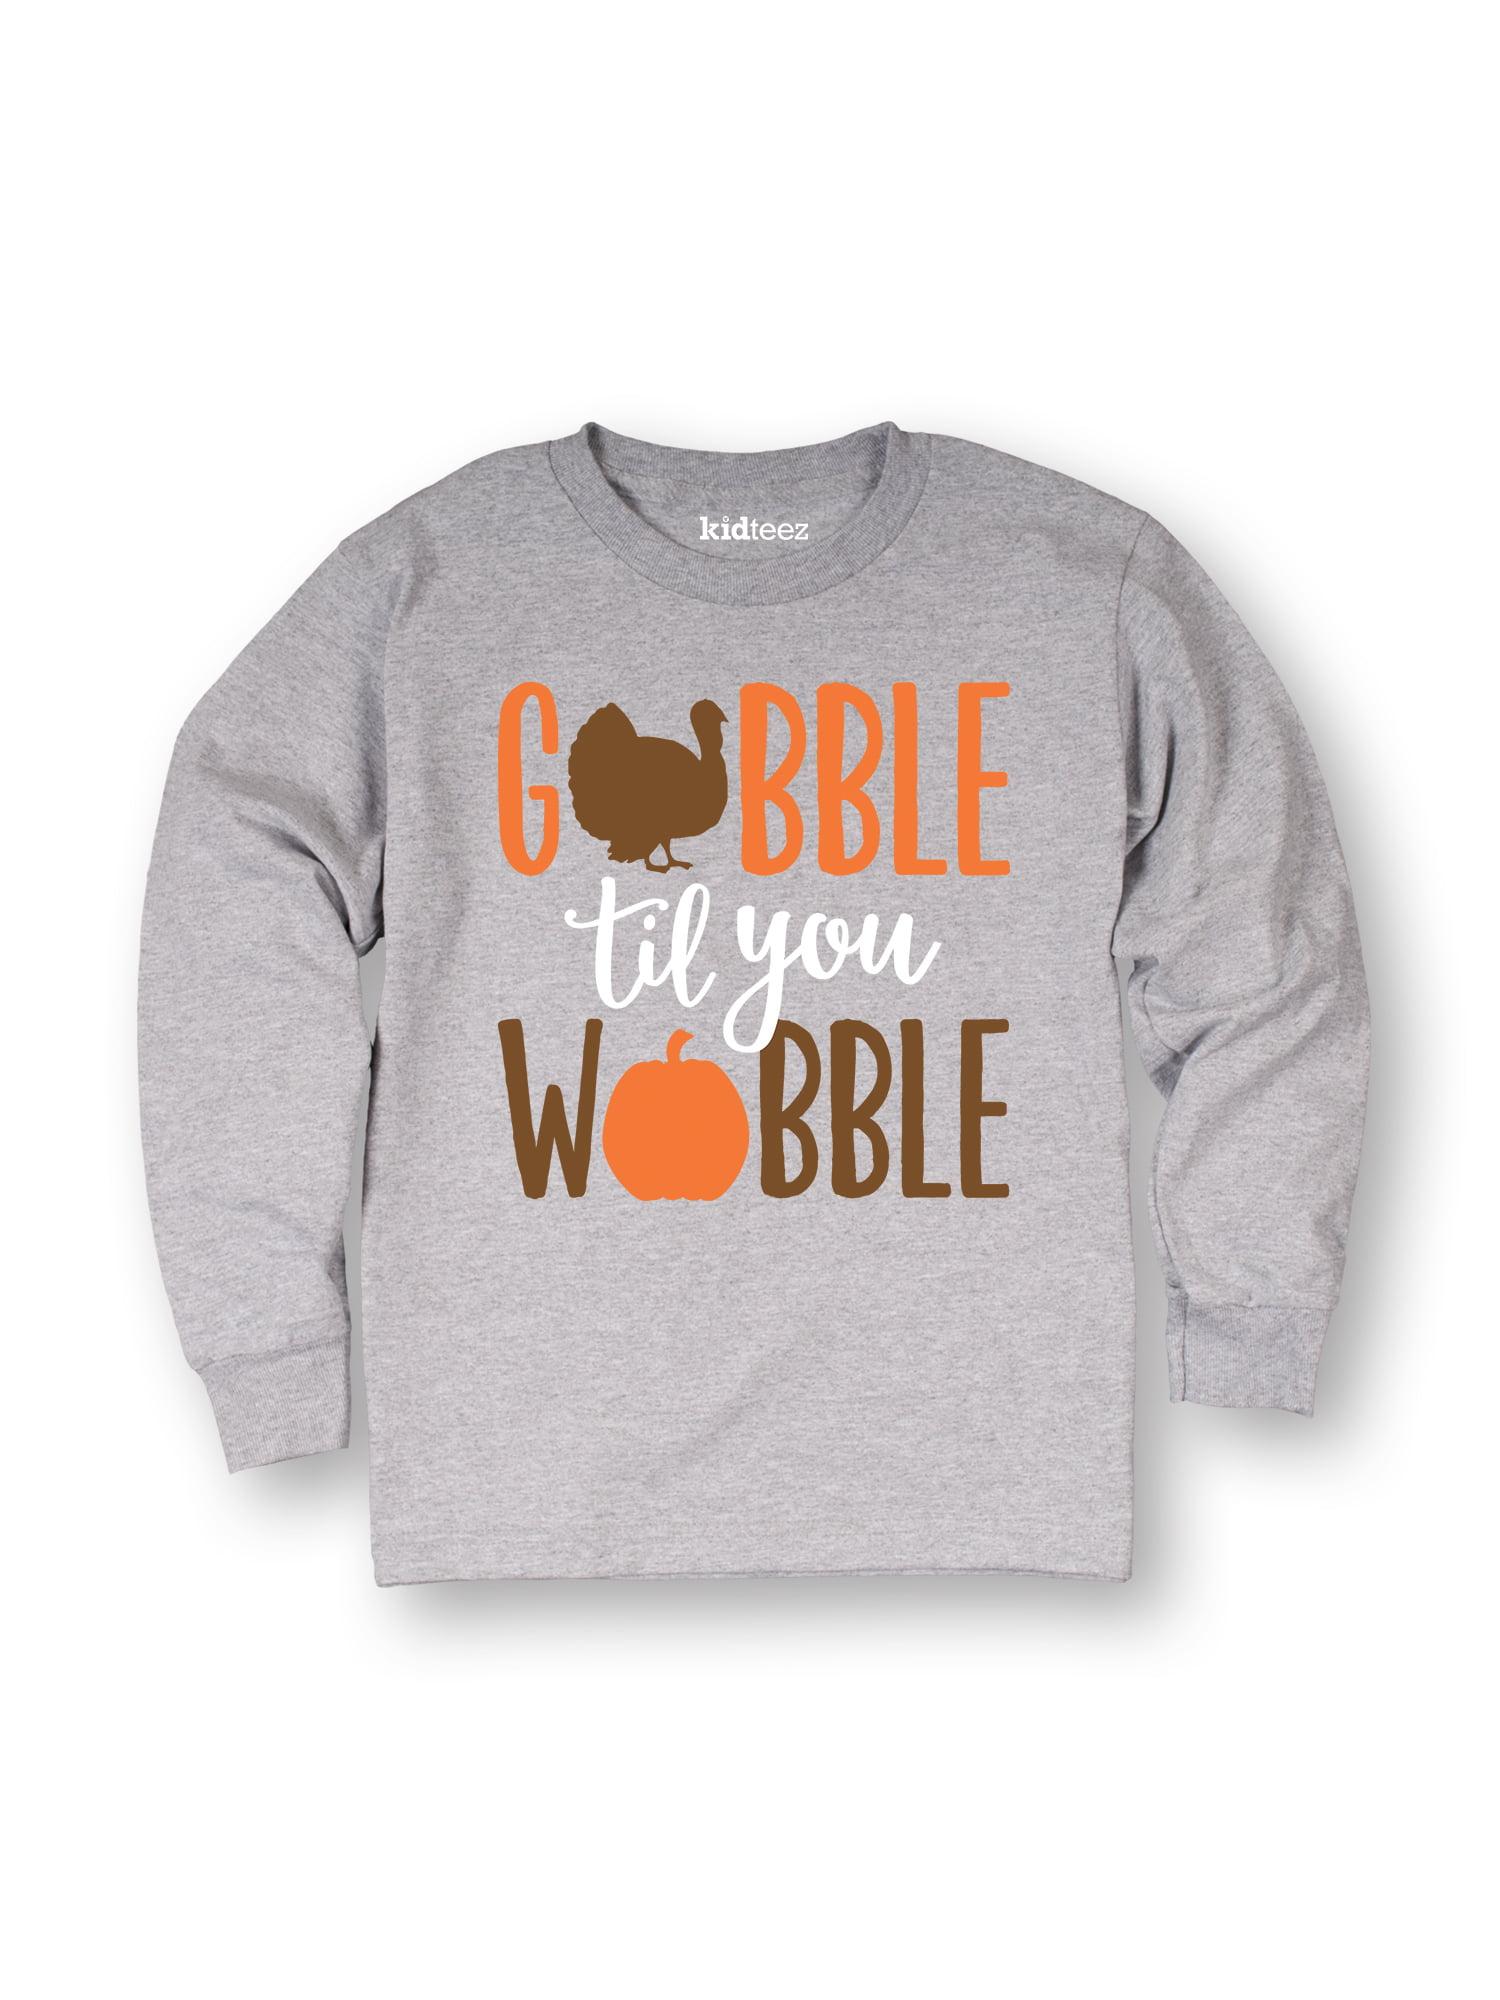 Gobble Til You Wobble-TODDLER LONG SLEEVE TEE